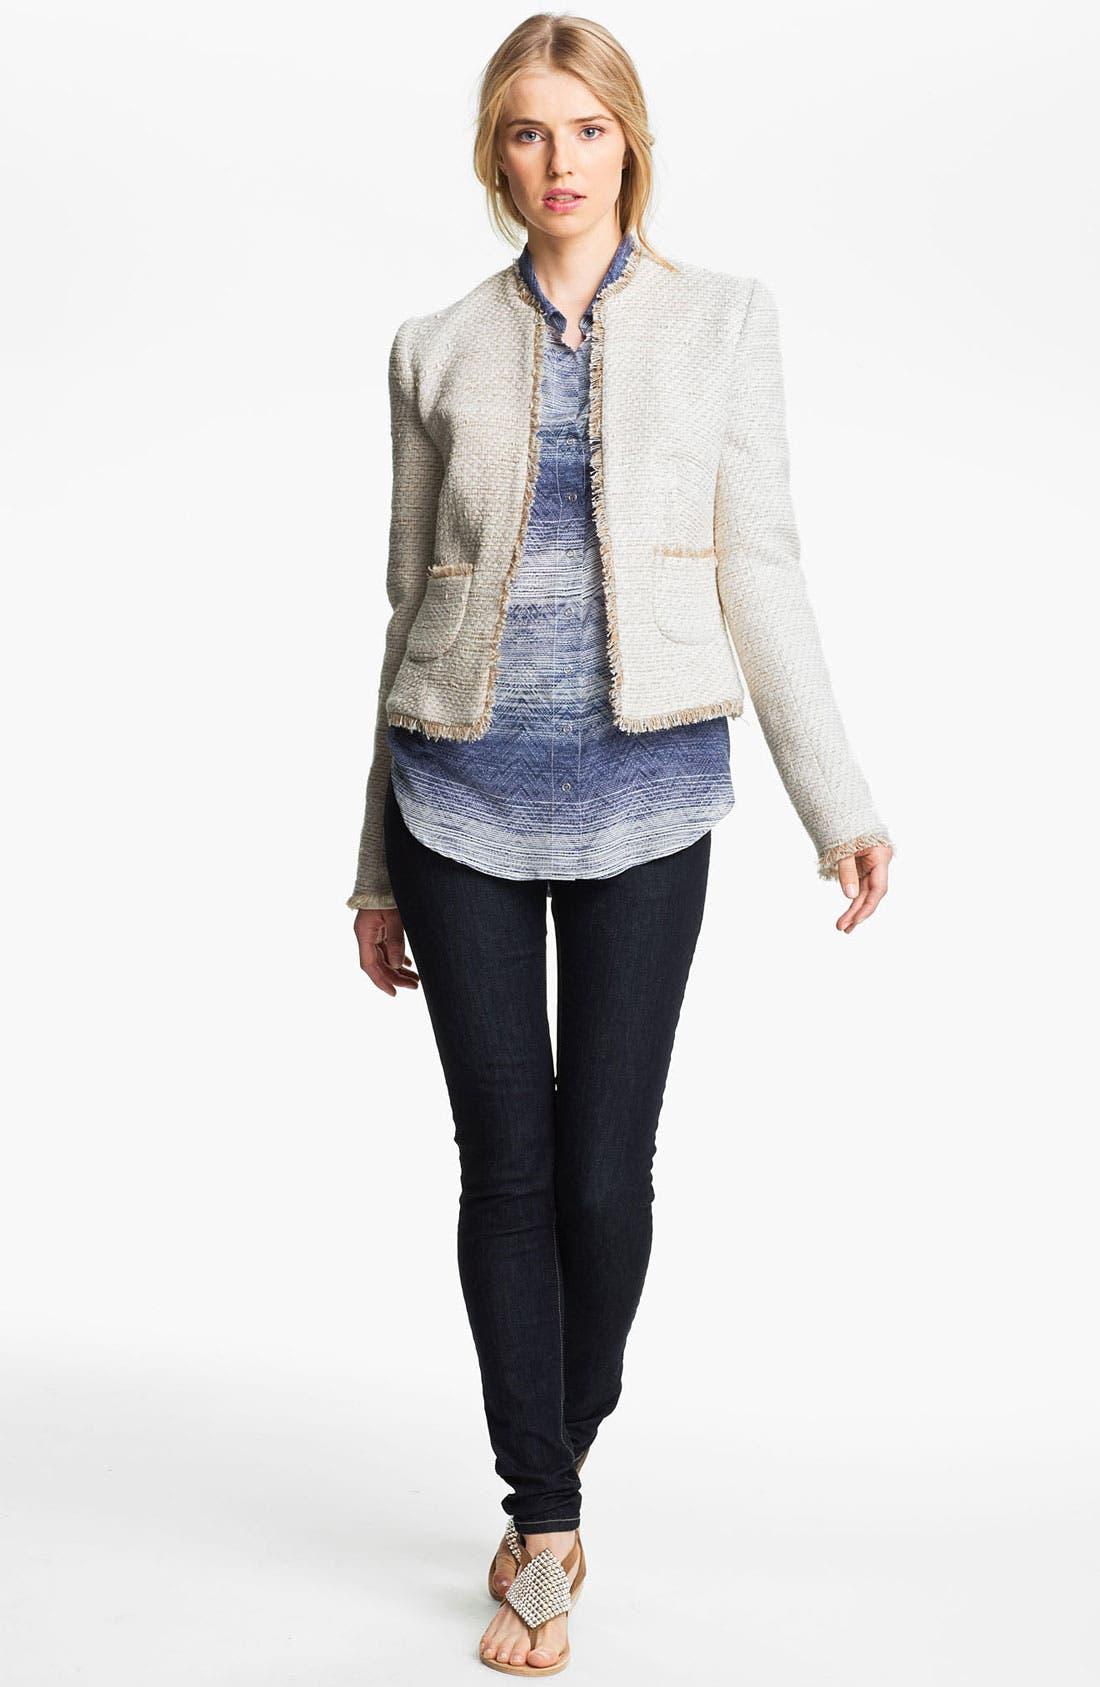 Main Image - L'AGENCE Frayed Woven Jacket